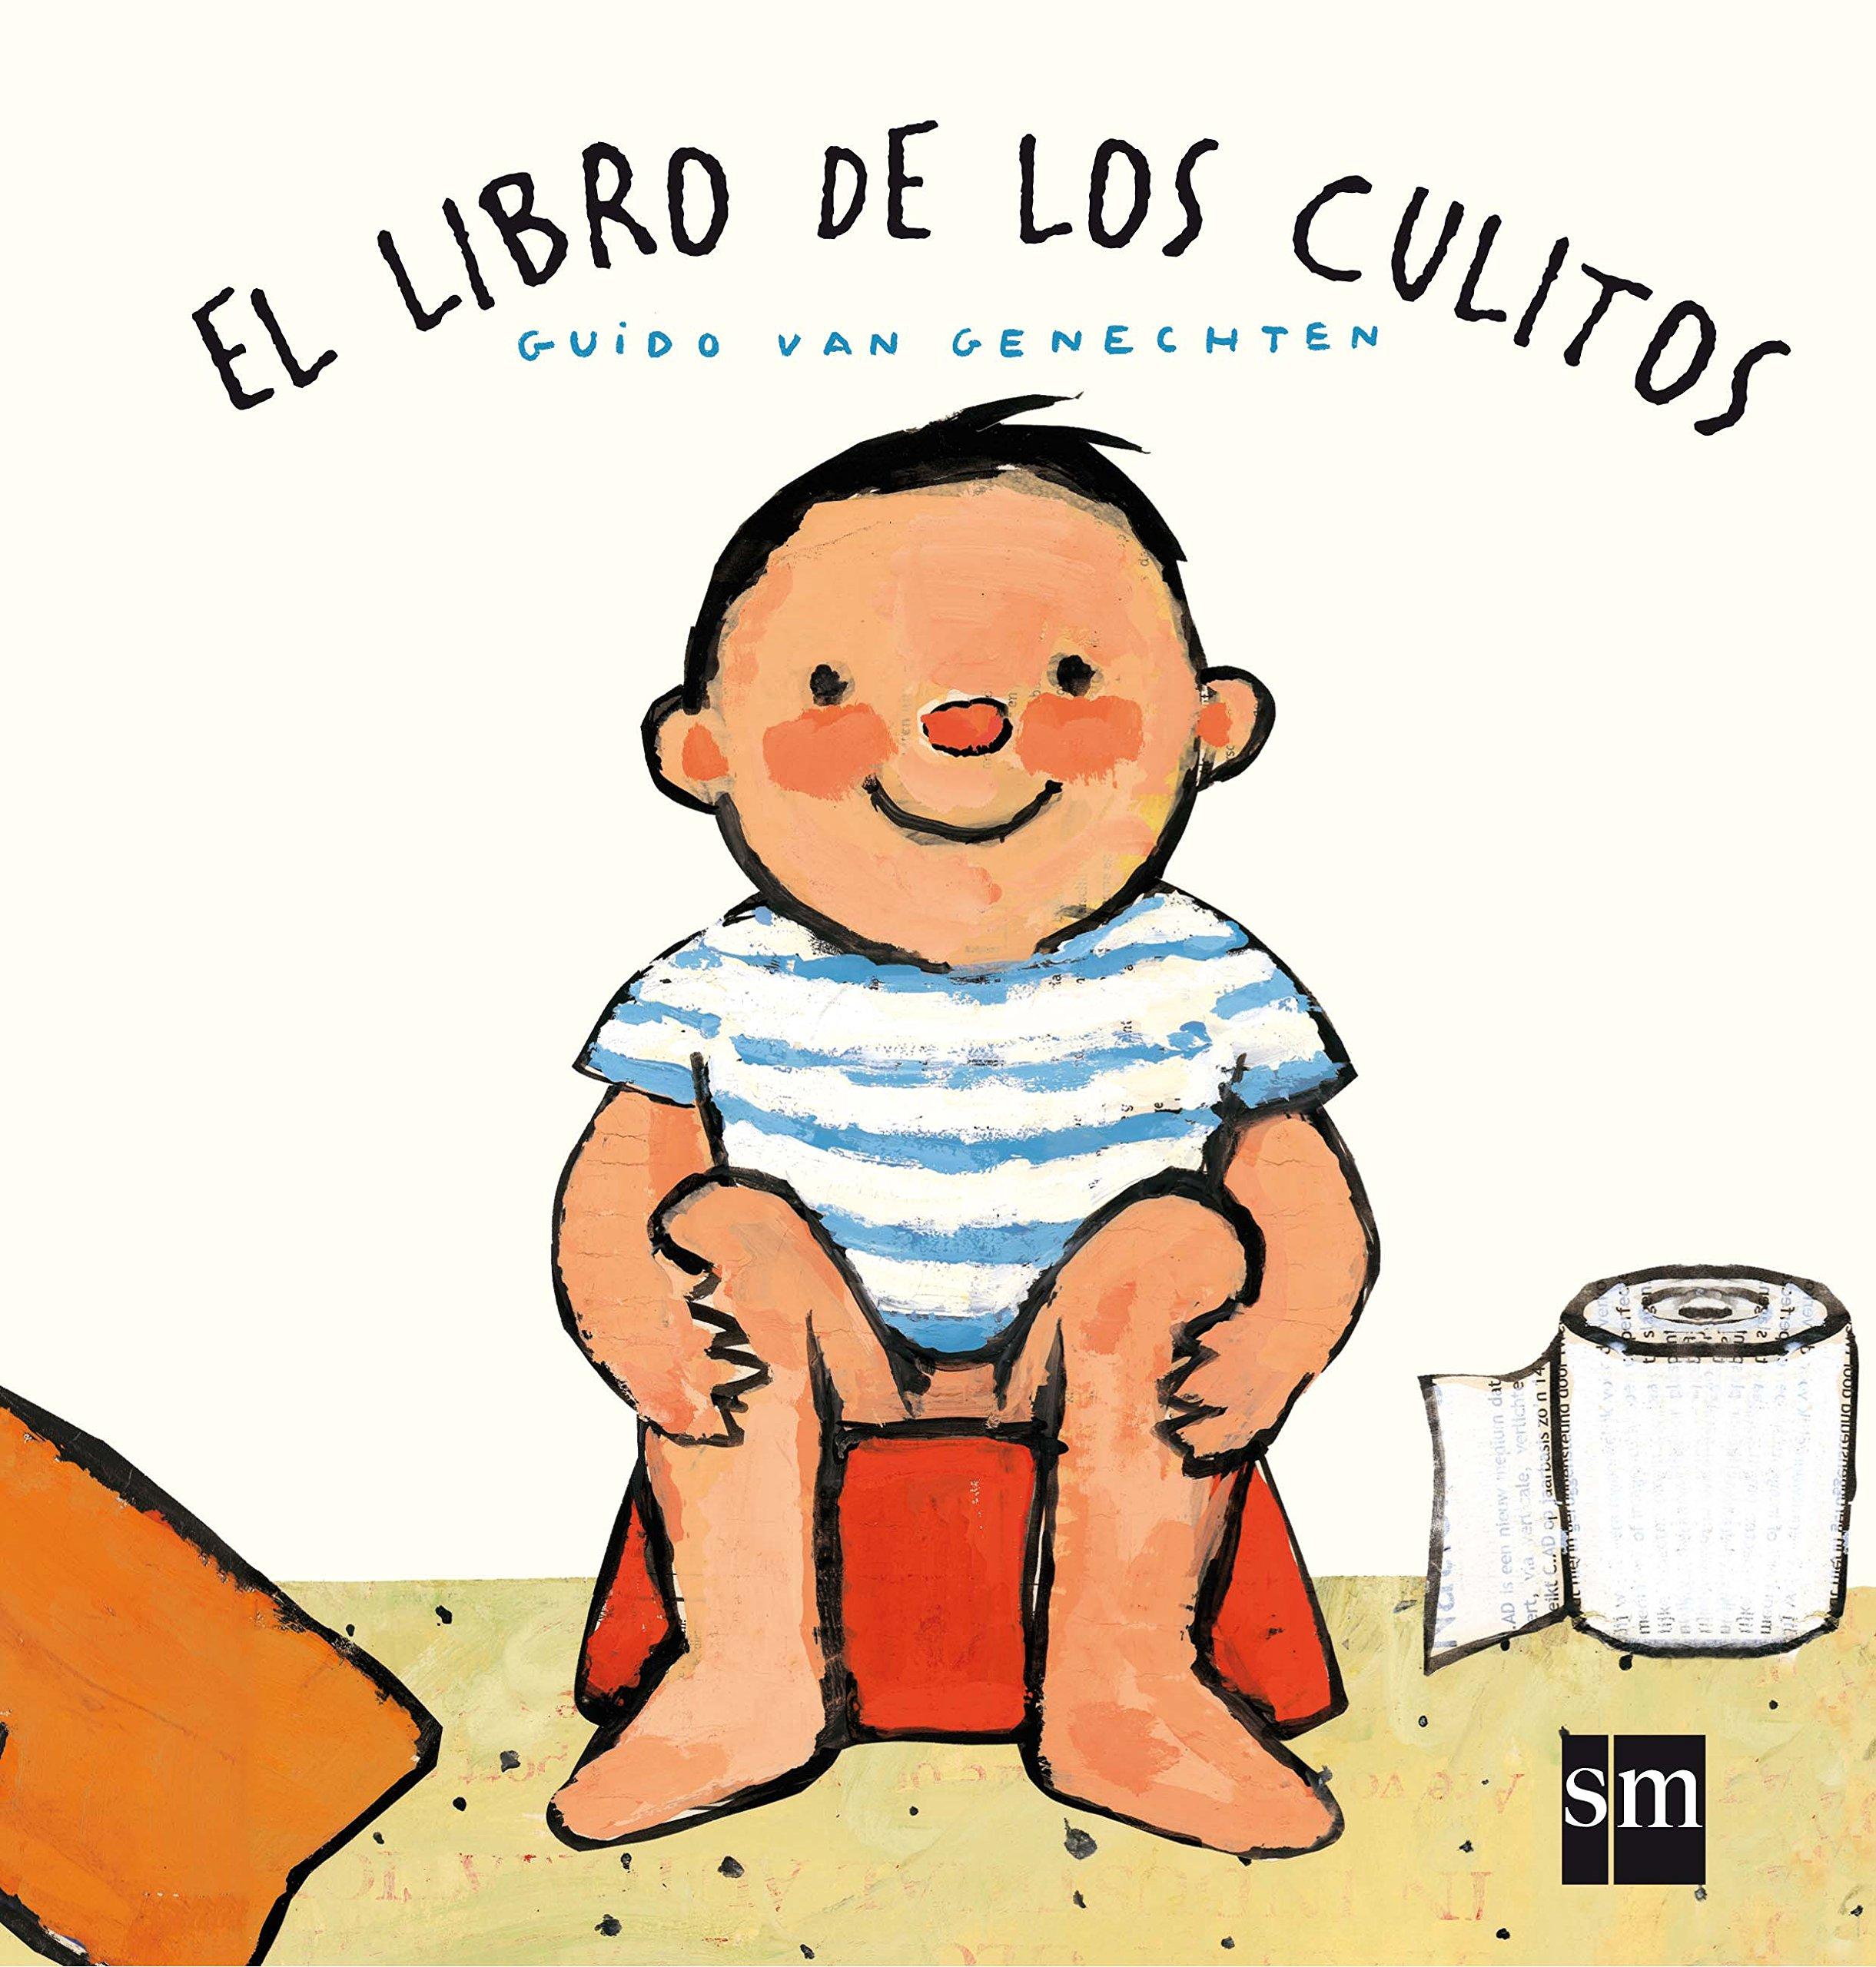 El libro de los culitos (Libros de cartón): Amazon.es: van Genechten, Guido, van Genechten, Guido: Libros